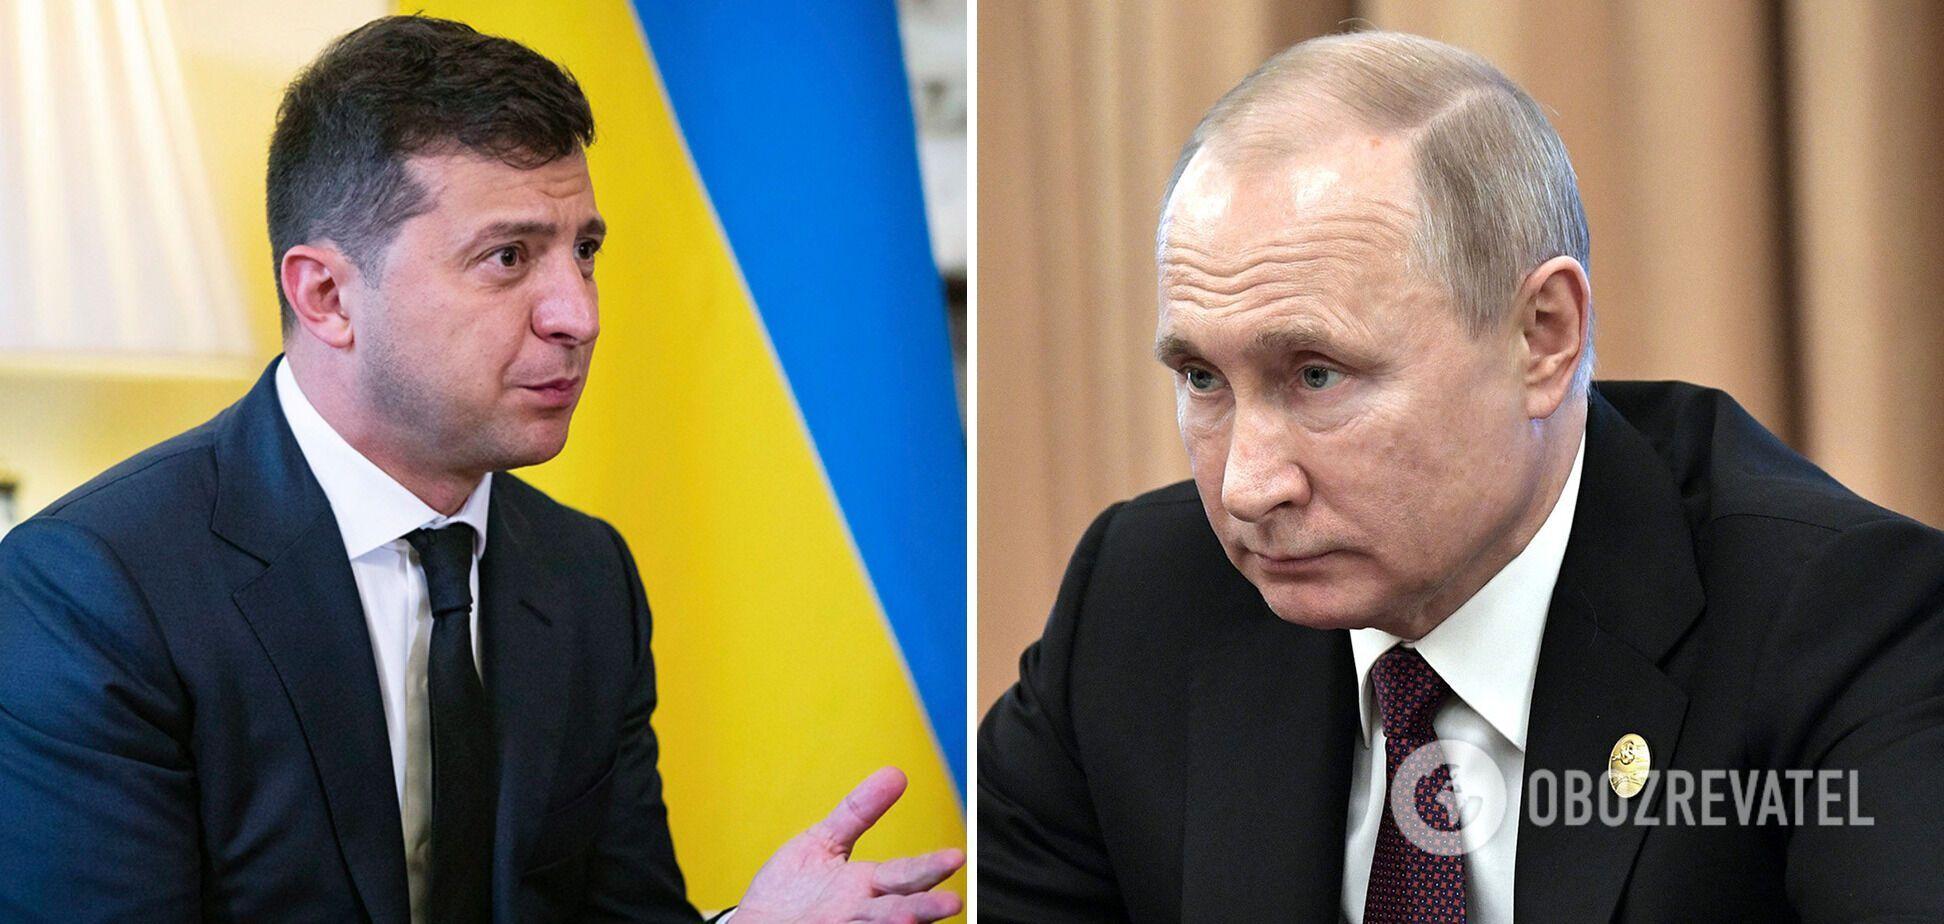 Між Україною і Росією немає домовленості про зустріч президентів Володимира Зеленського та Володимира Путіна